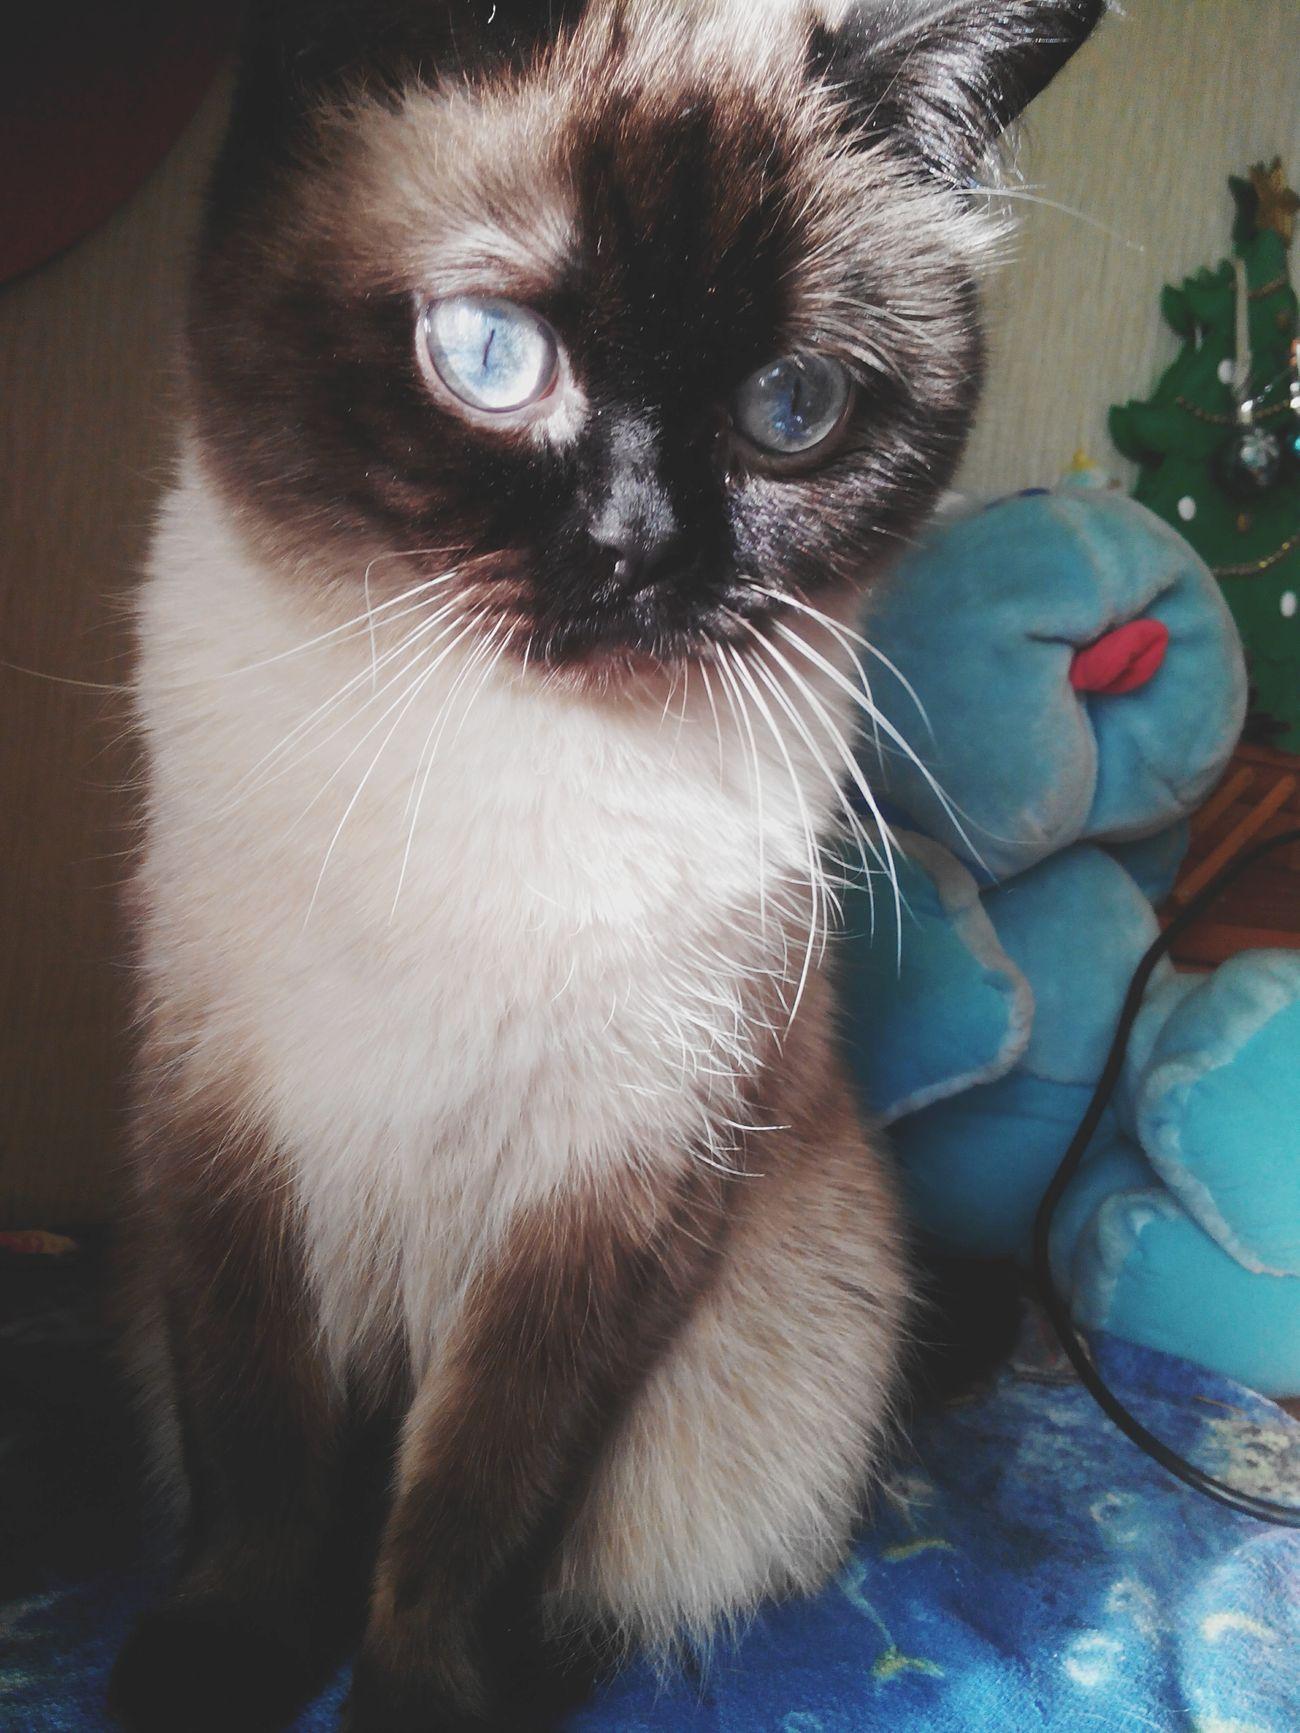 Моя любовь голубые глаза бирма священнаябирма черныелапки черныеушки мойумка моялюбовь моесчастье кот Cat